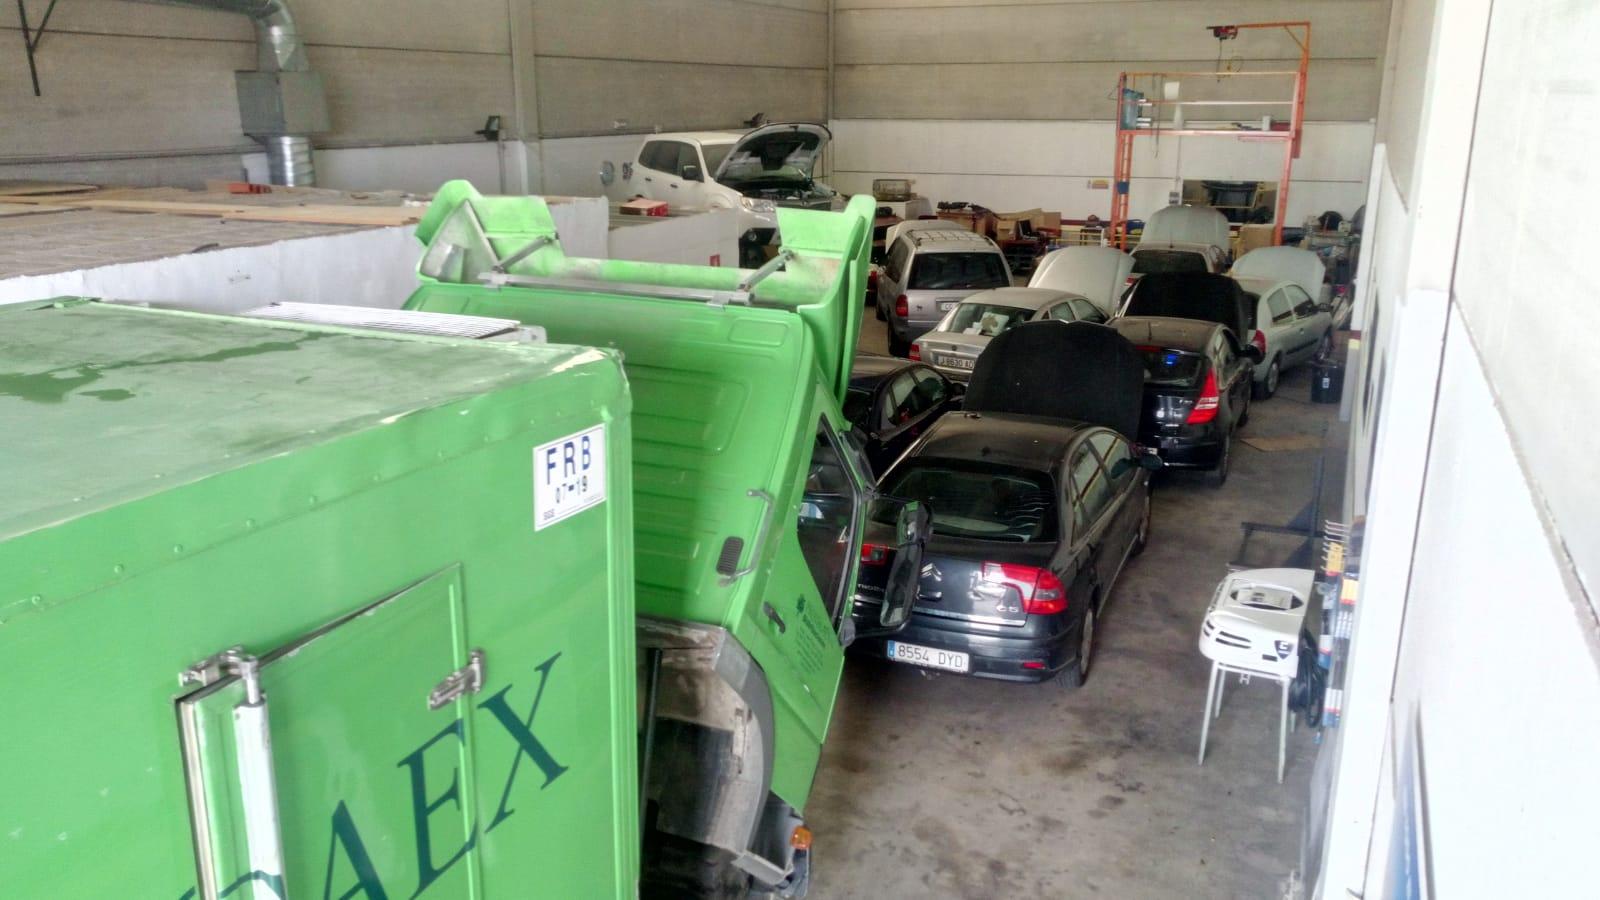 DISTRIBUIDOR DE REPUESTOS SERVICIO OFICIAL AUTOCLIMA EXTREMADURA ESPAÑA